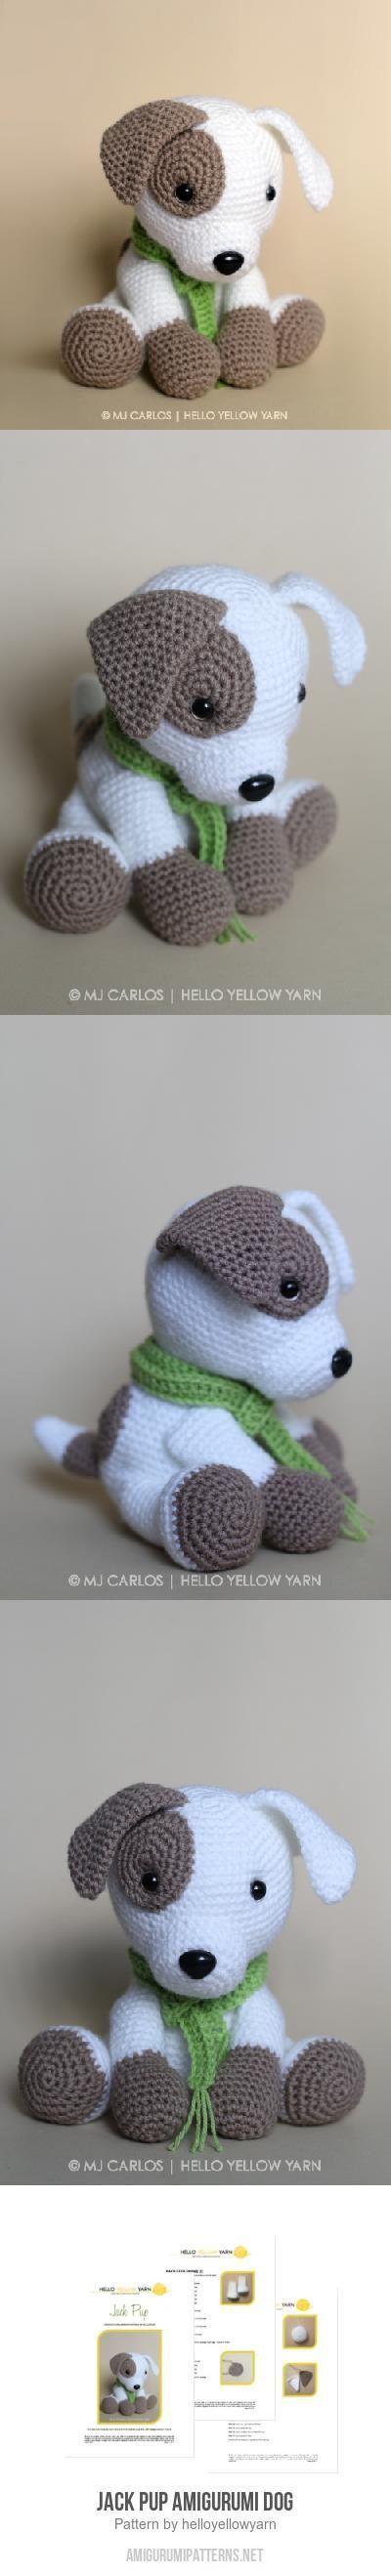 Jack Pup amigurumi pattern by helloyellowyarn | Tejido, Ganchillo y ...